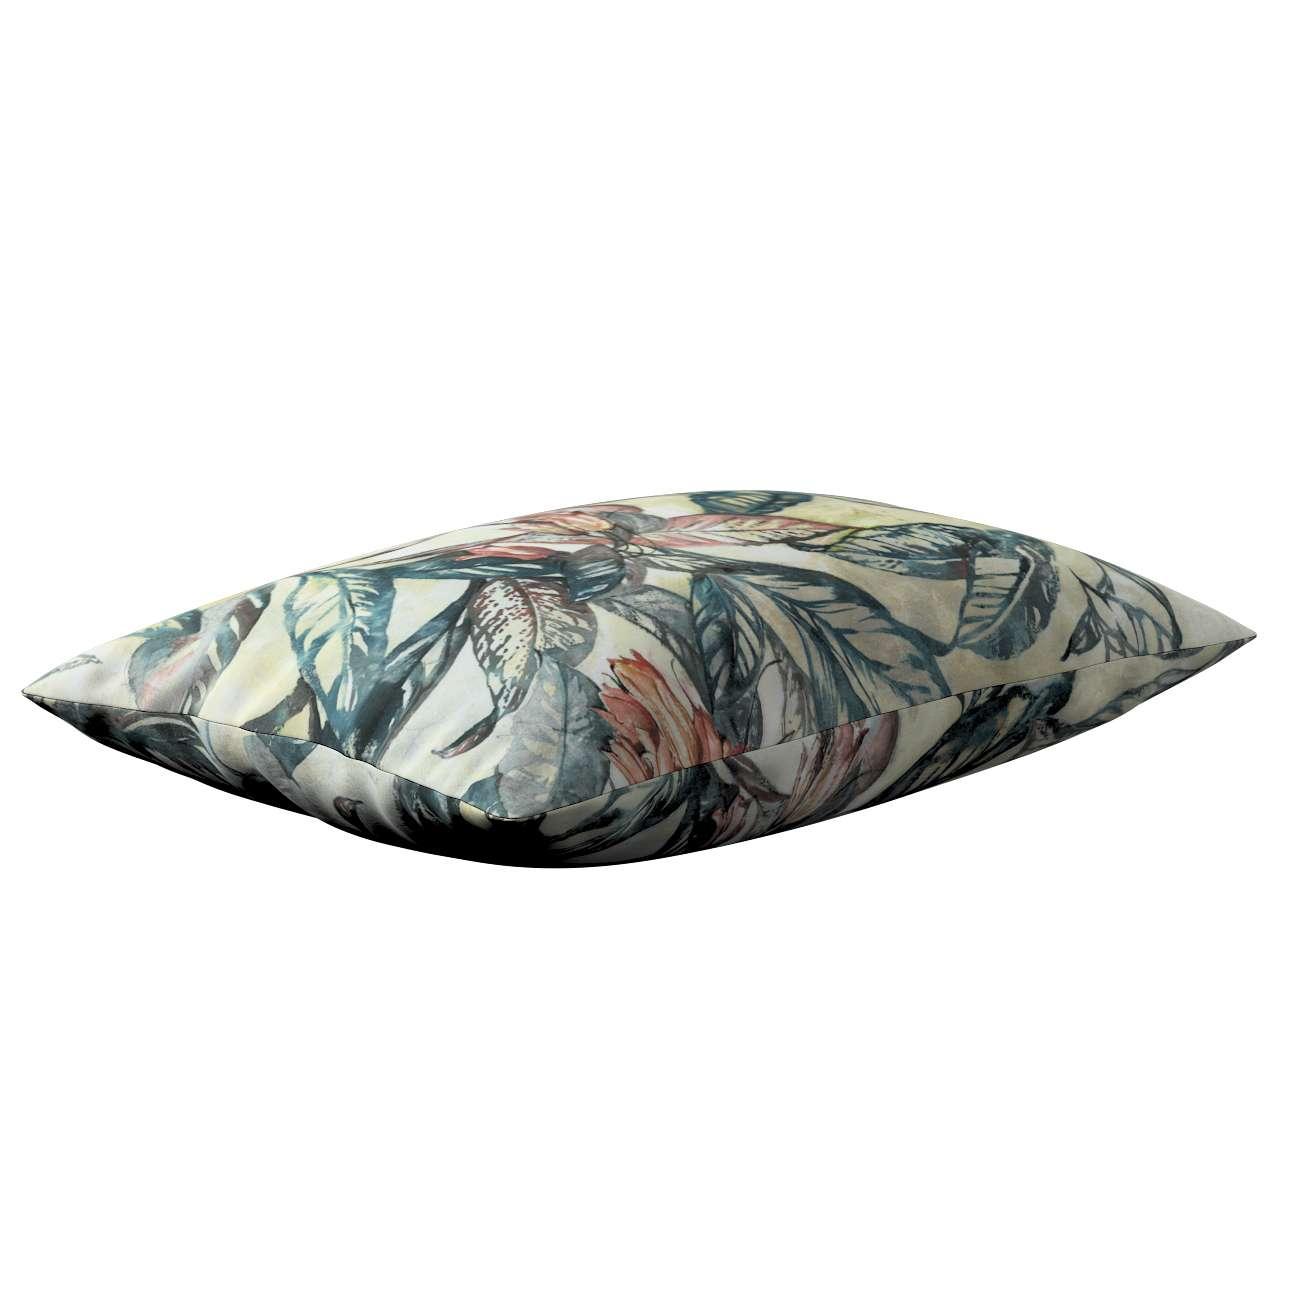 Poszewka Kinga na poduszkę prostokątną w kolekcji Abigail, tkanina: 143-08